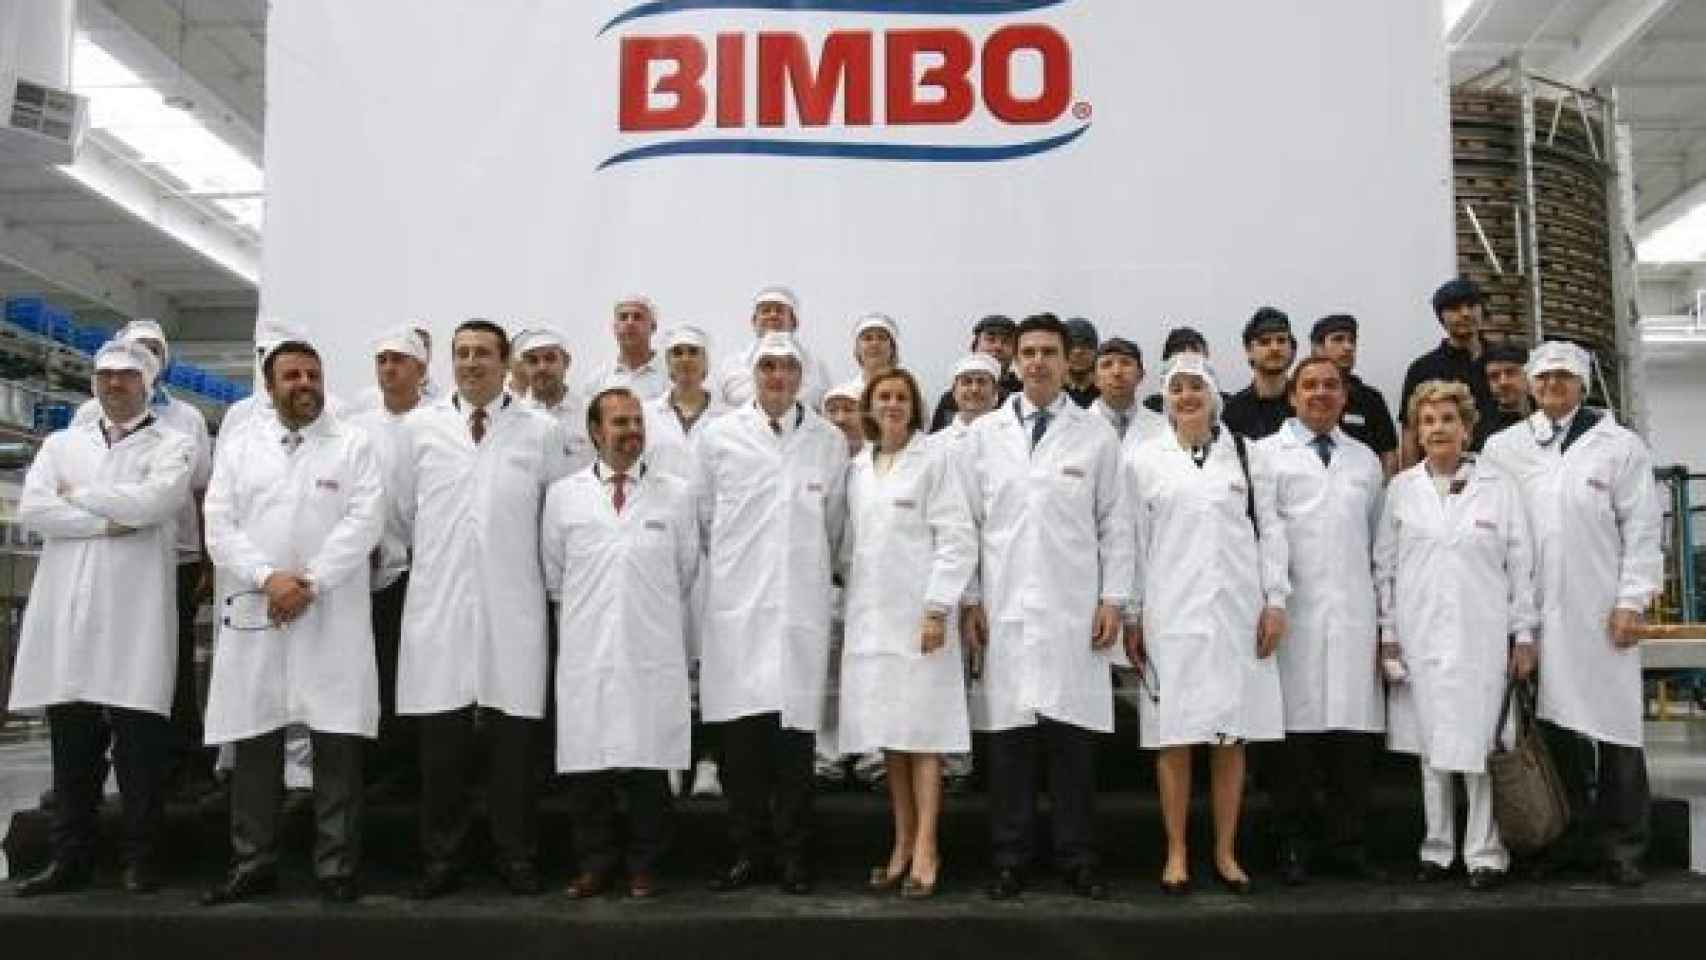 Trabajadores de Bimbo, en una imagen de archivo.